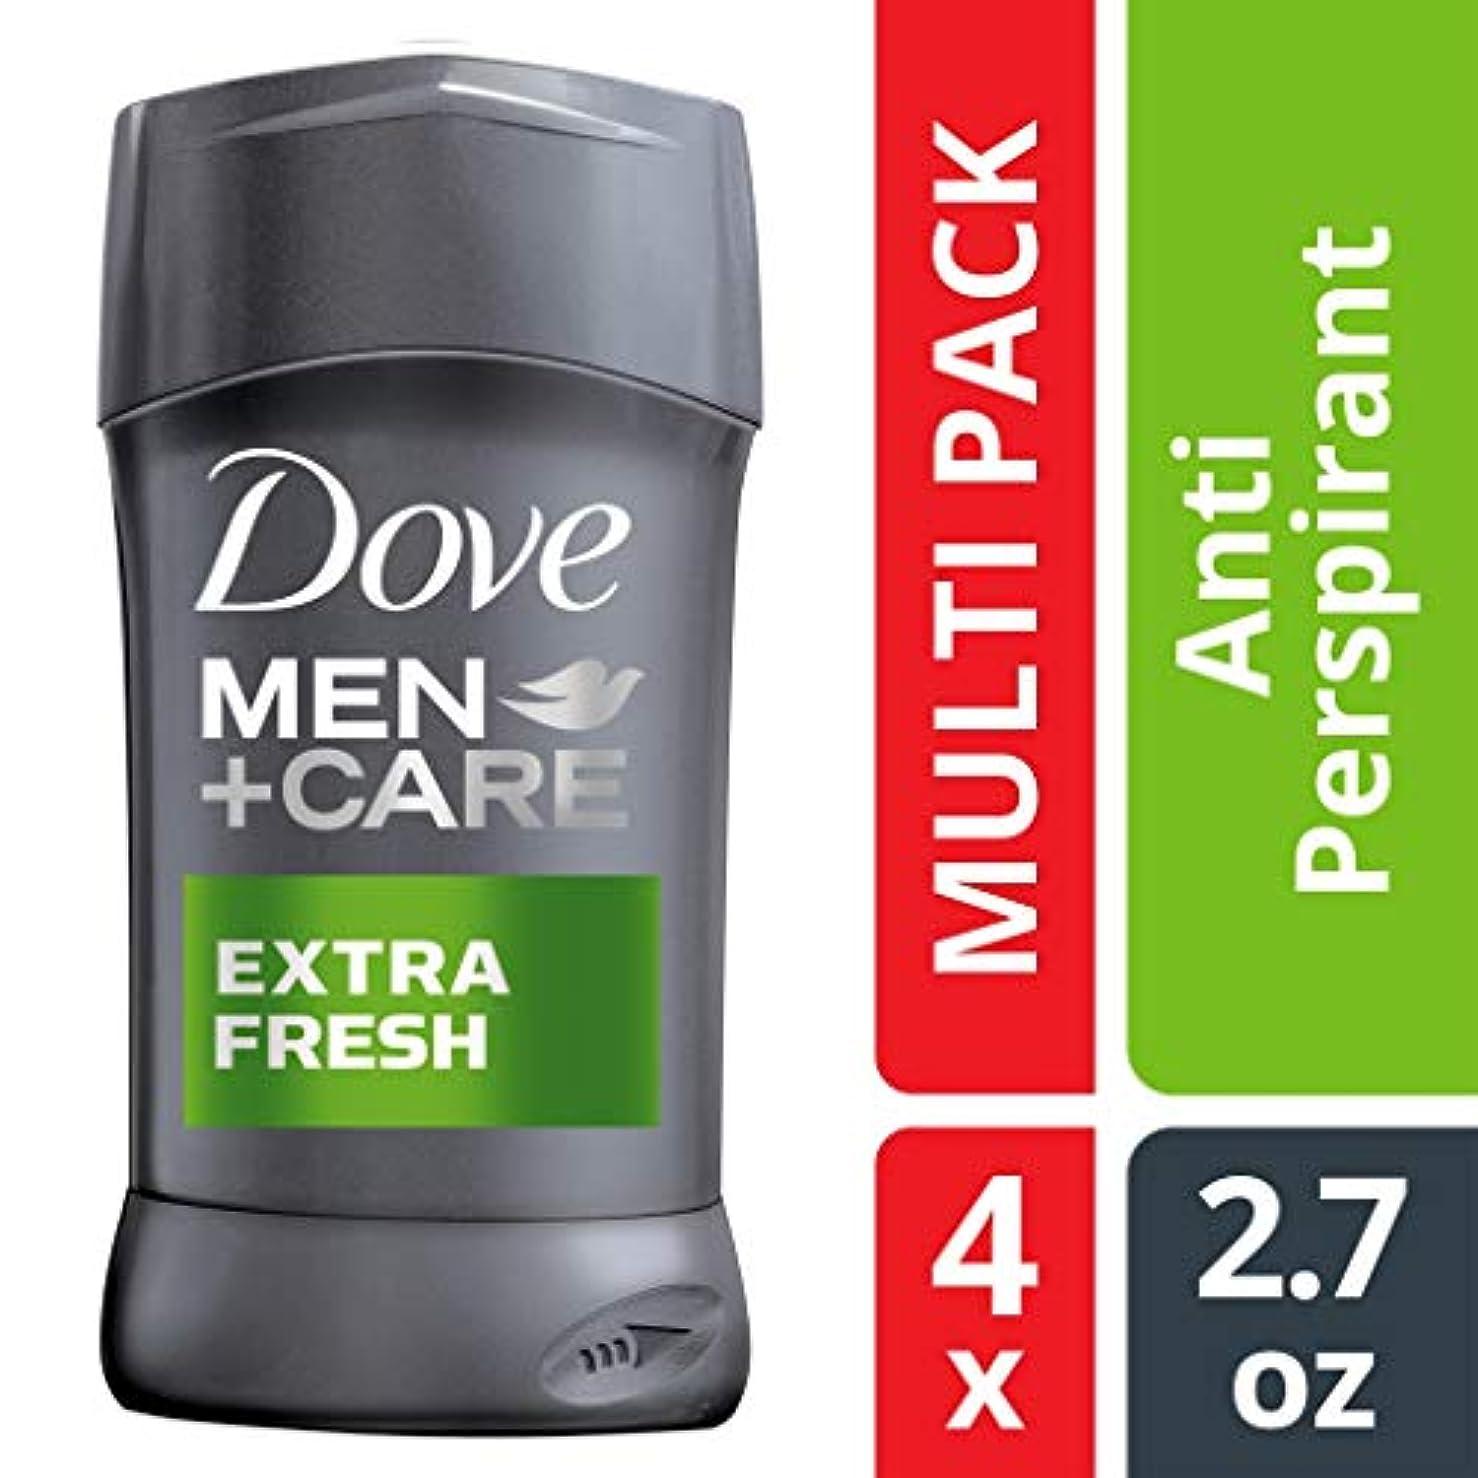 細分化する分配します結婚Dove メンズ ケア用 発汗抑制消臭スティック エクストラフレッシュ 2.7オンス 4本入り